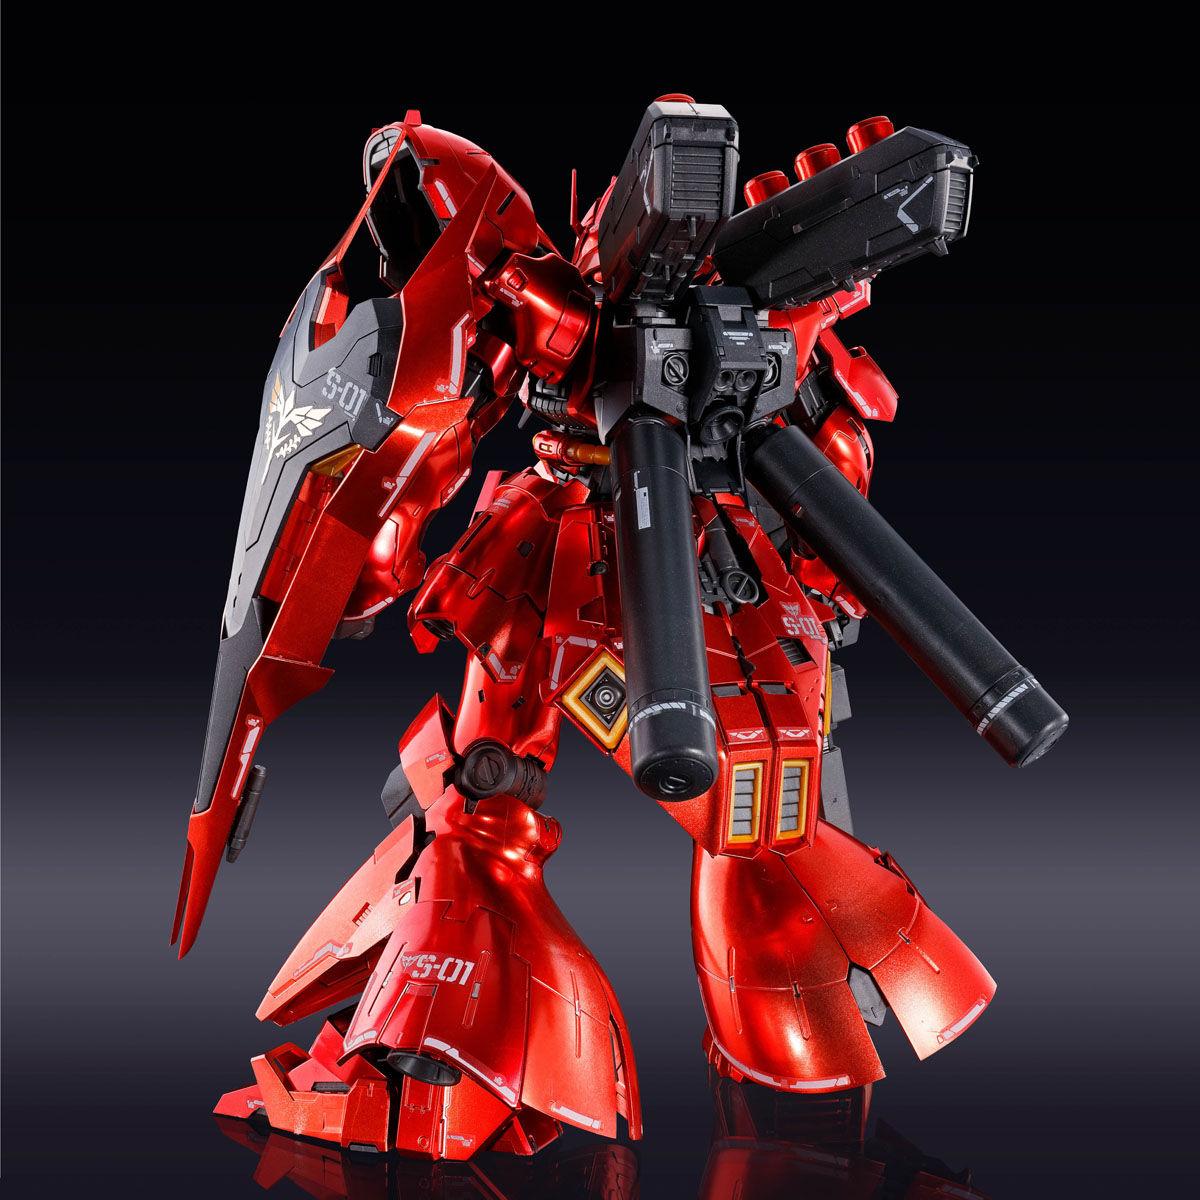 【限定販売】【再販】RG 1/144『サザビー[スペシャルコーティング]』逆襲のシャア プラモデル-003